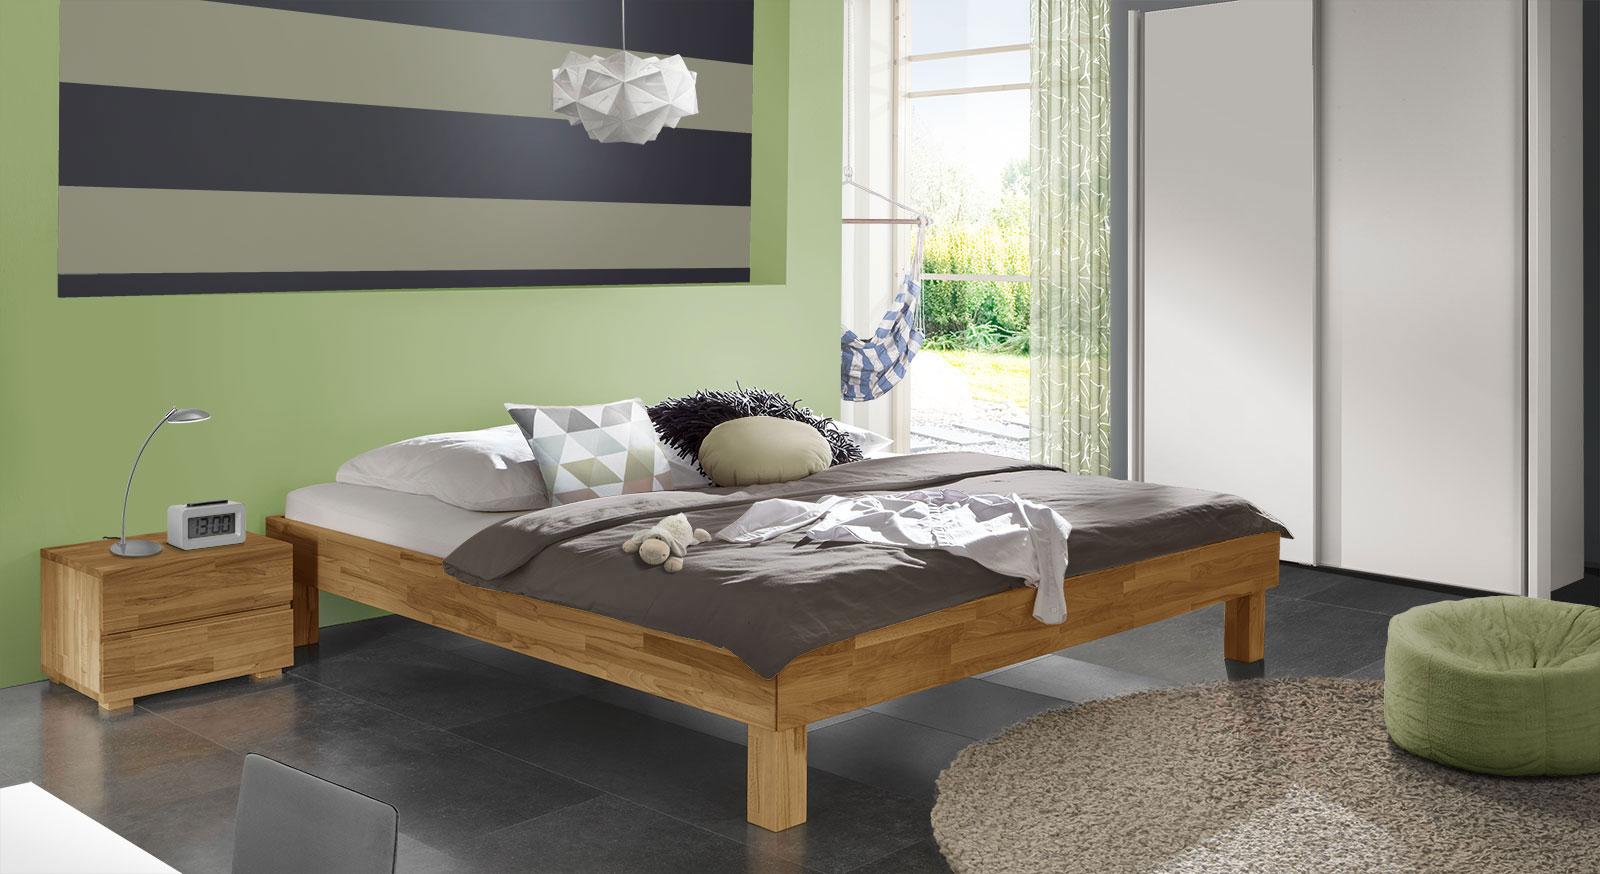 Jugendzimmer komplett mit massivholzm beln madrid - Jugendzimmer massivholz ...